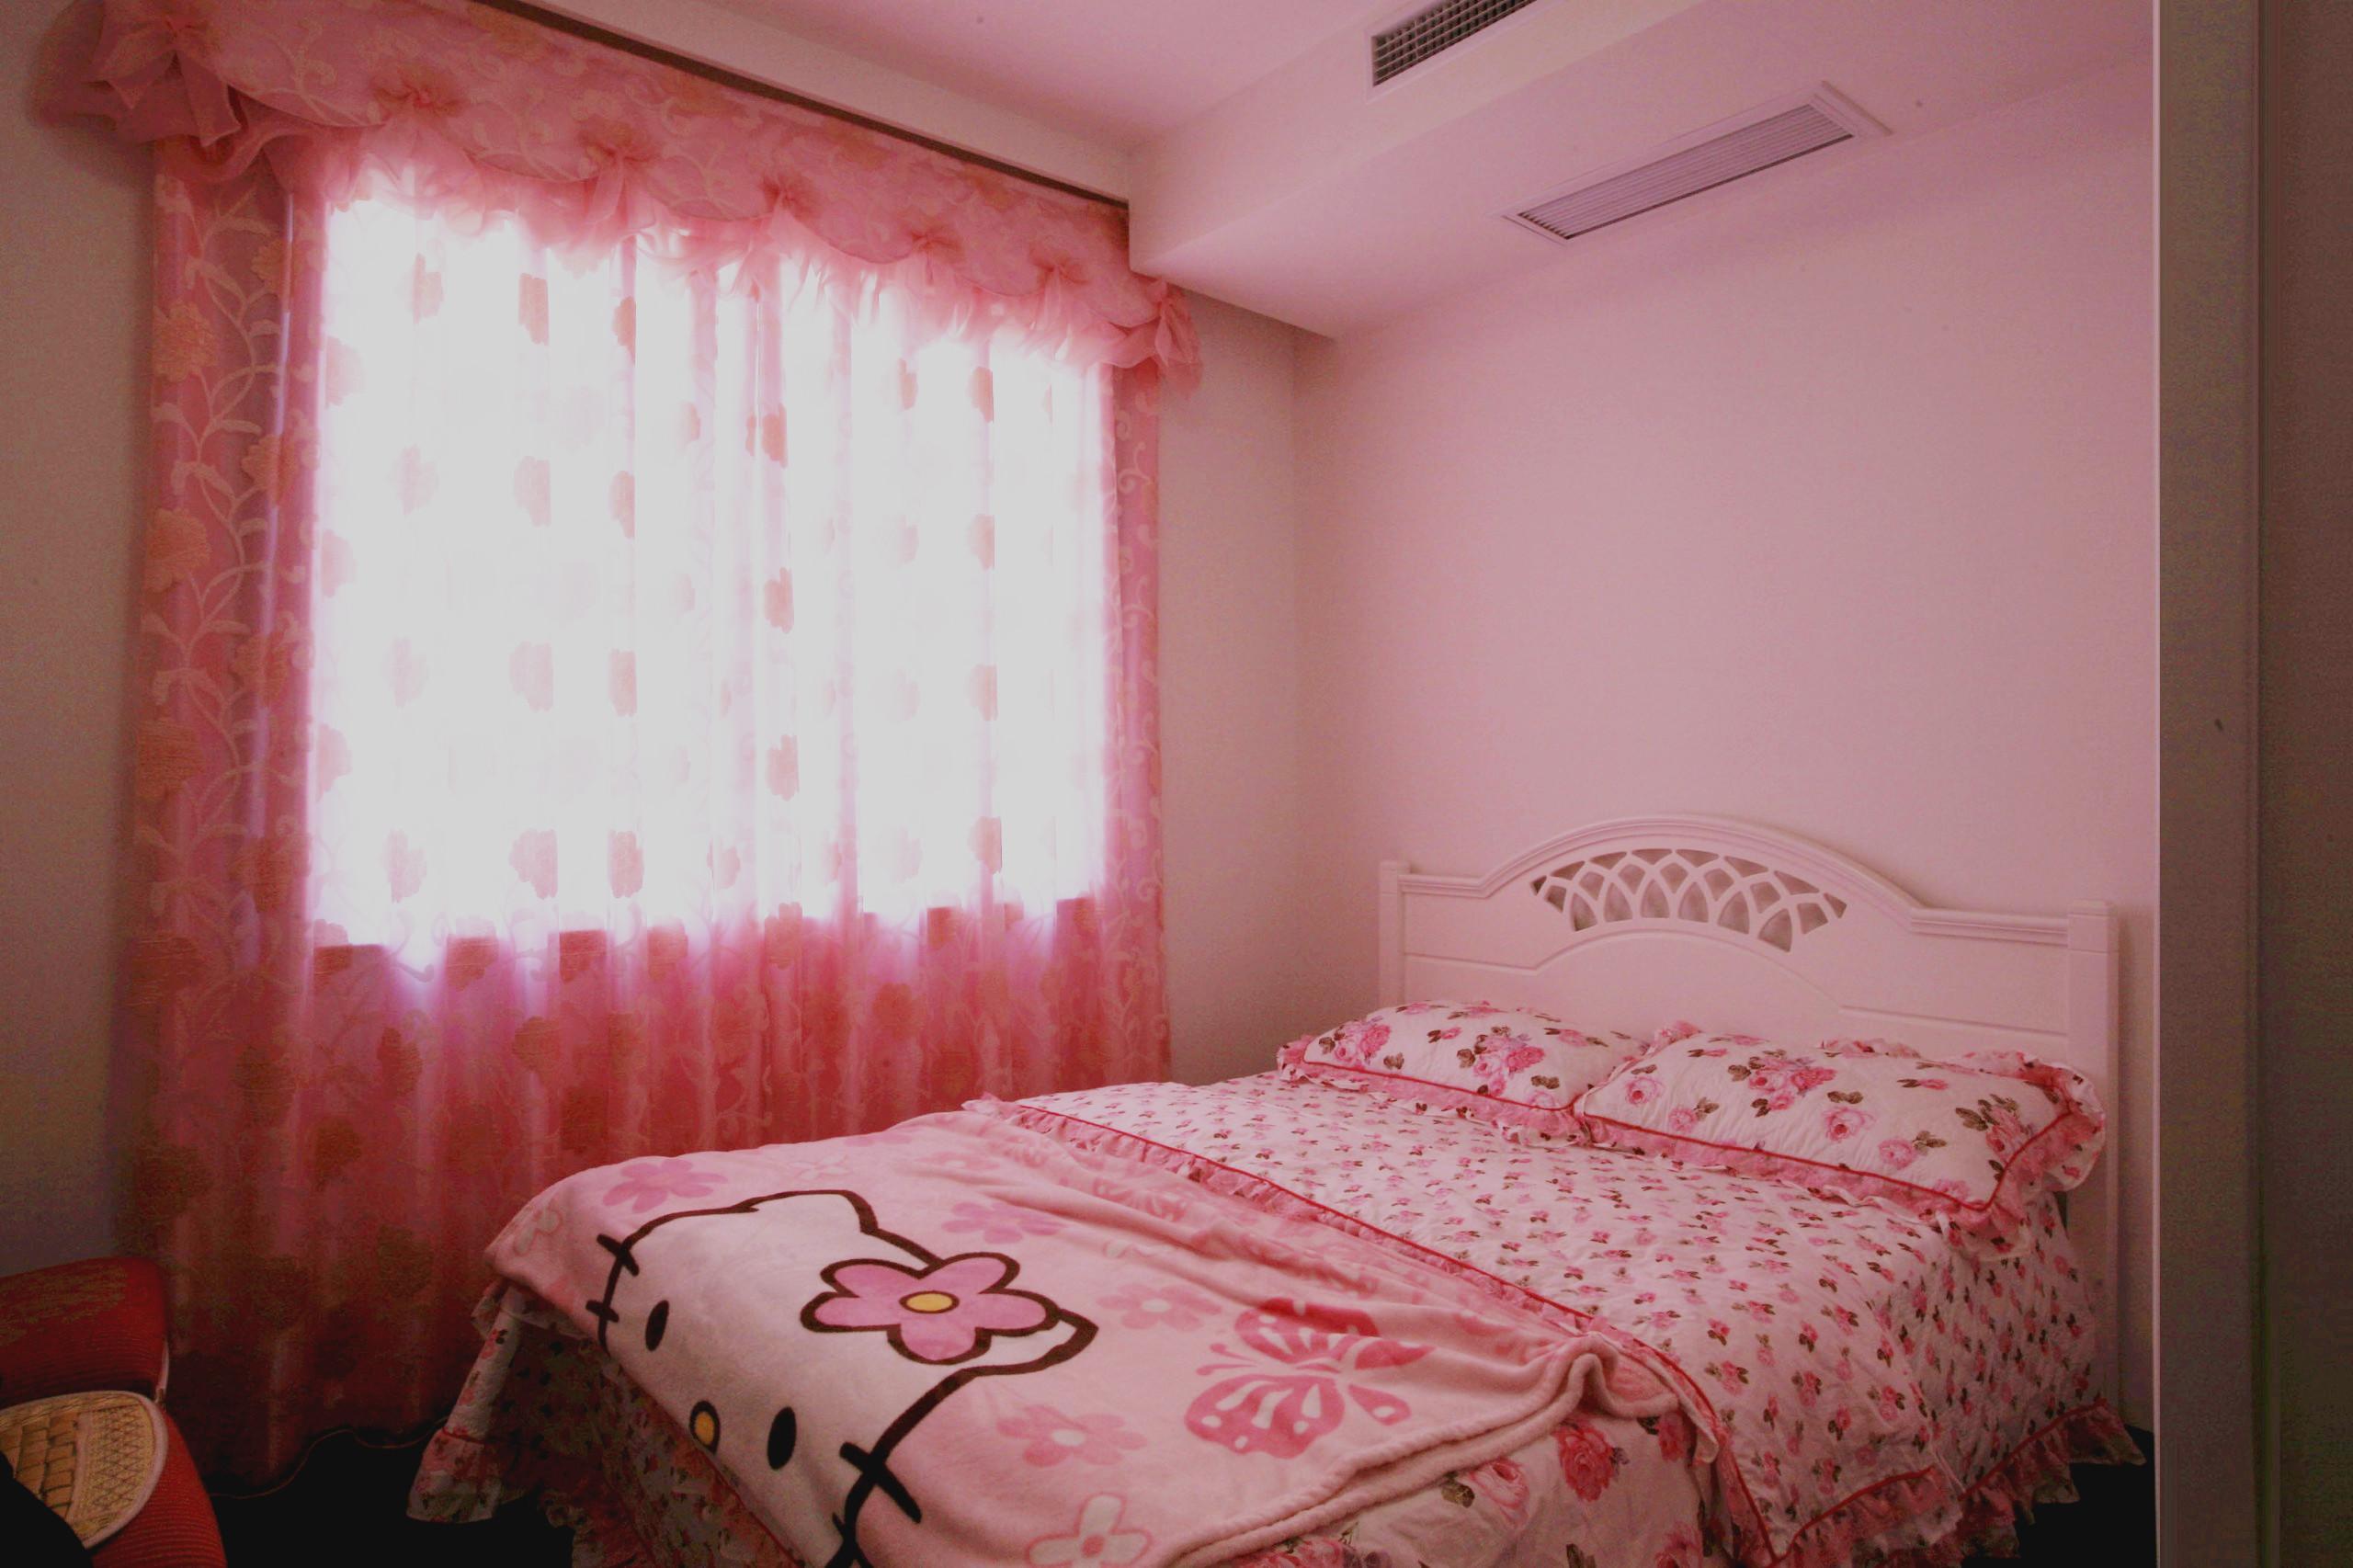 粉色的卧室甜美可爱,延续了儿时的公主梦,睡在这样的床上一定可以遇见